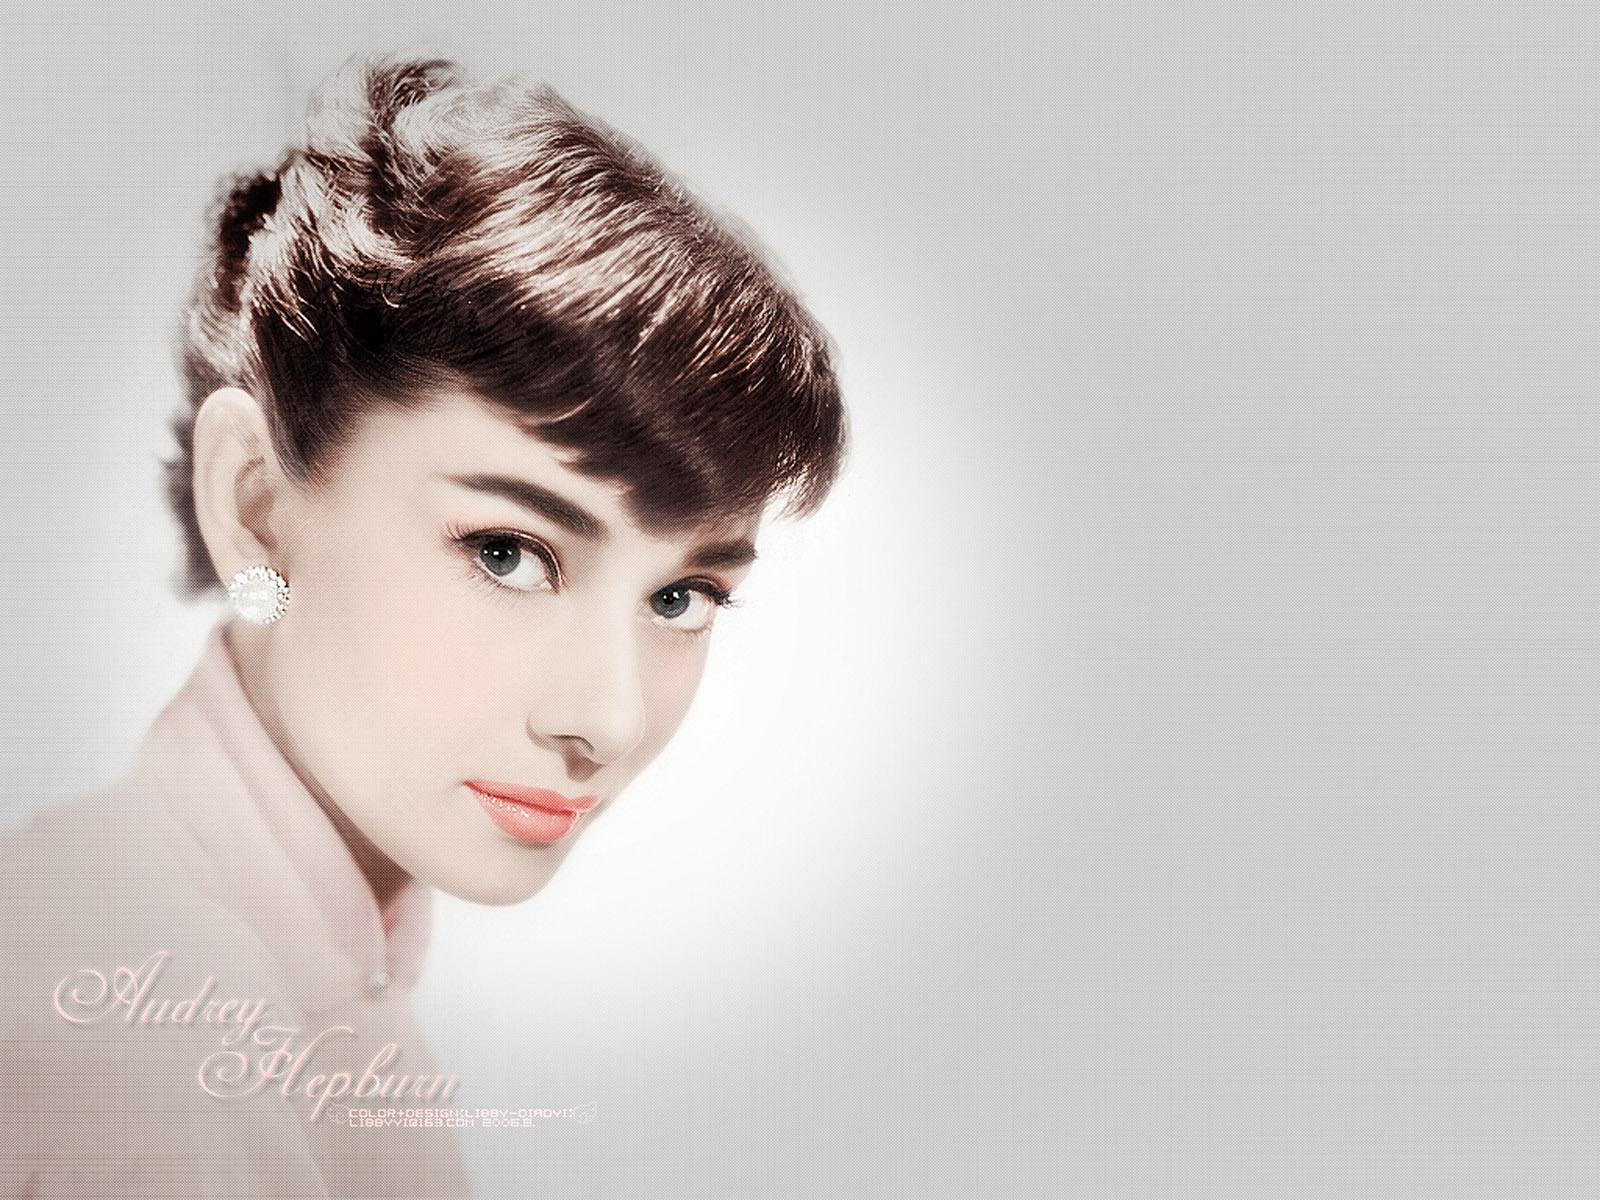 Audrey Hepburn Wallpapers Wallpaper Audrey Hepburn 1600x1200